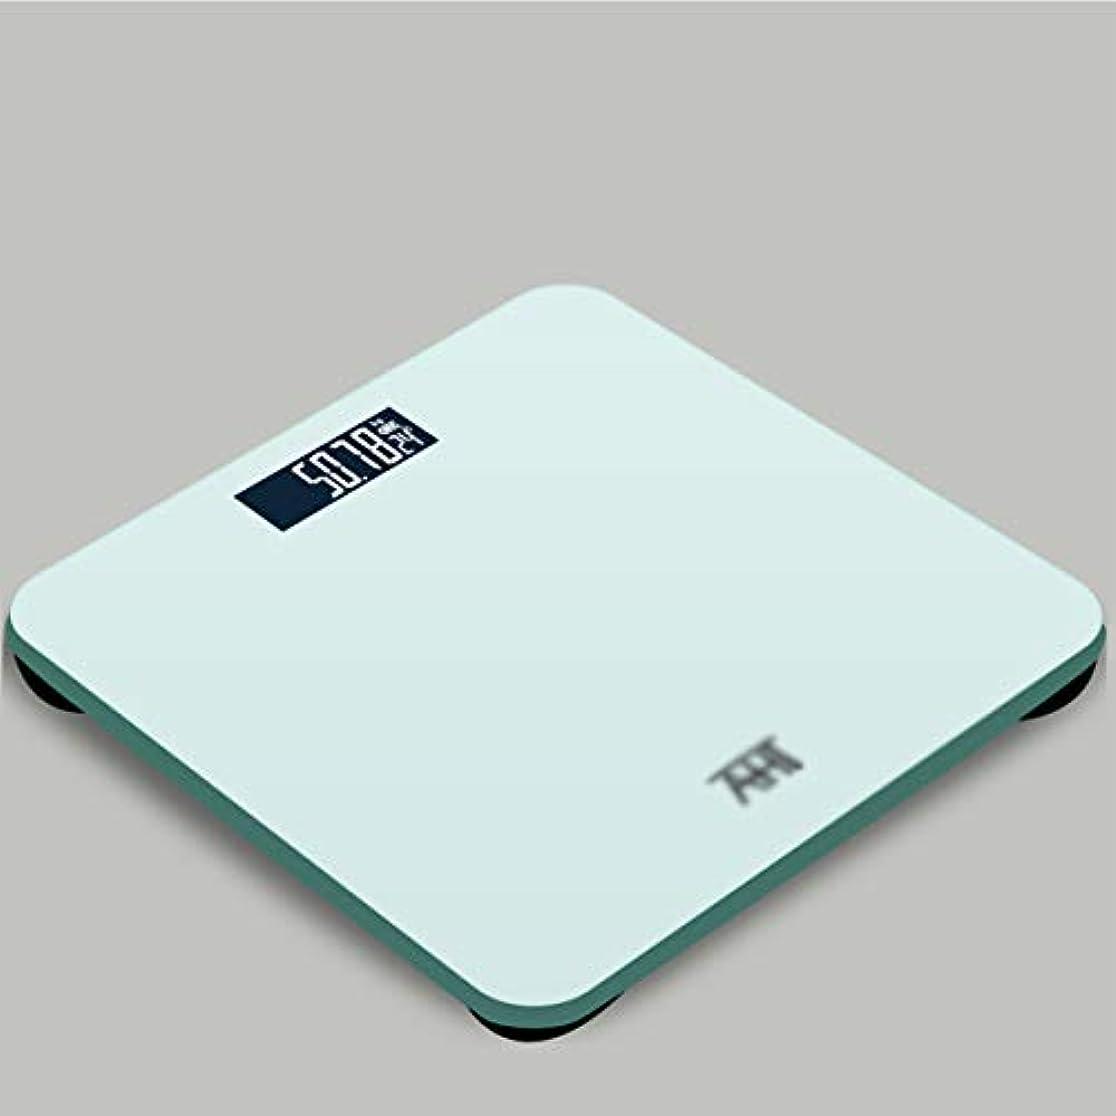 クマノミラインナップ今まで重量の監視者の体重計、デジタル体重計の電子体脂肪のスケール2つの電池との超細い高精度,b